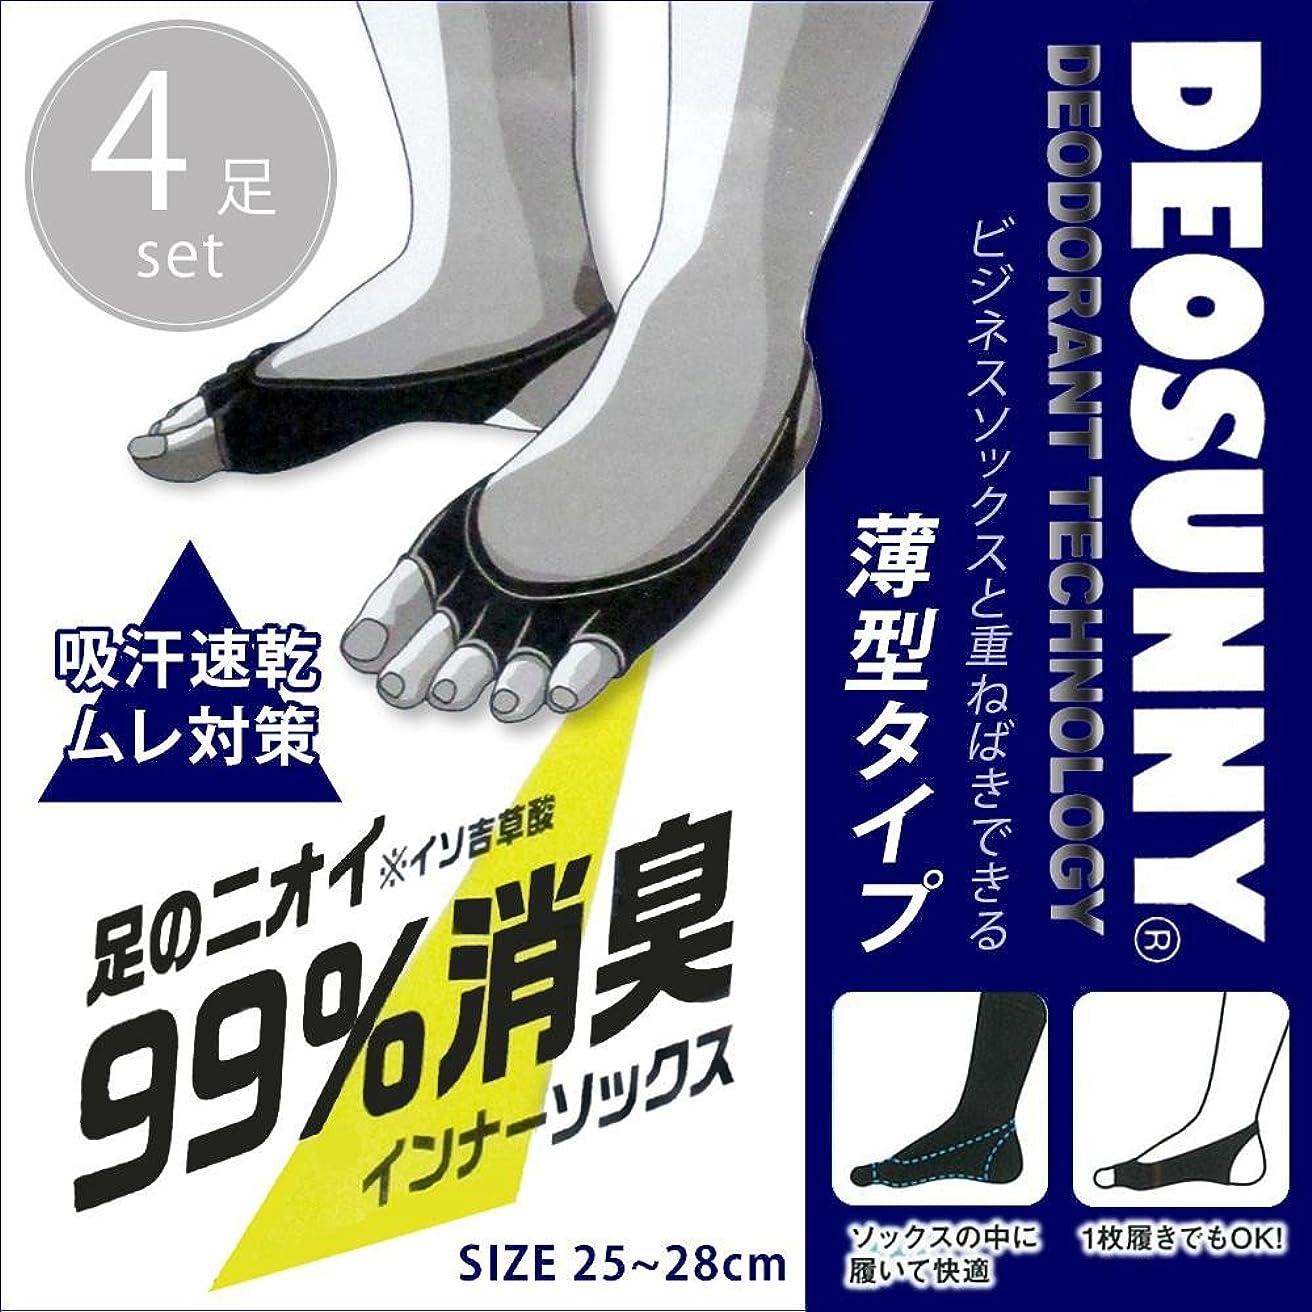 失業うまれた動力学DEOSUNNY デオサニー 高機能消臭 抗菌防臭×吸汗速乾 インナーソックス メンズ ブラック ×4足セット